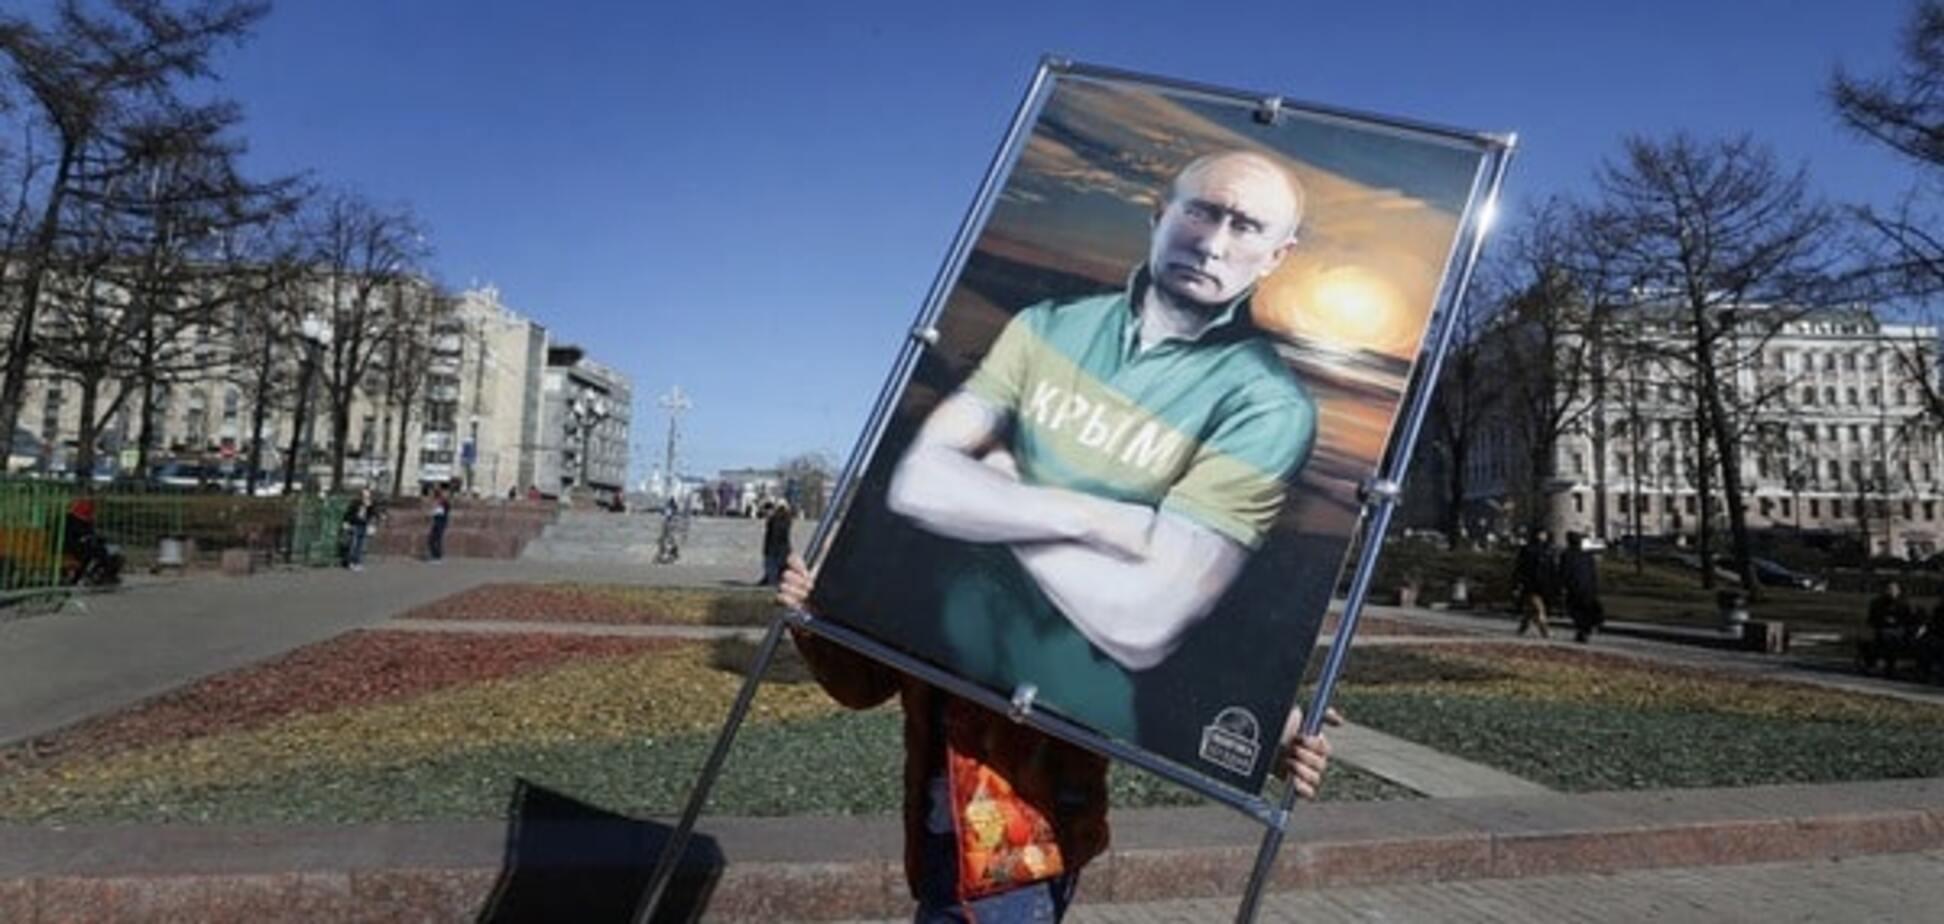 Аннексия Крыма и война на Донбассе смертельно испугали Европу - Альбац